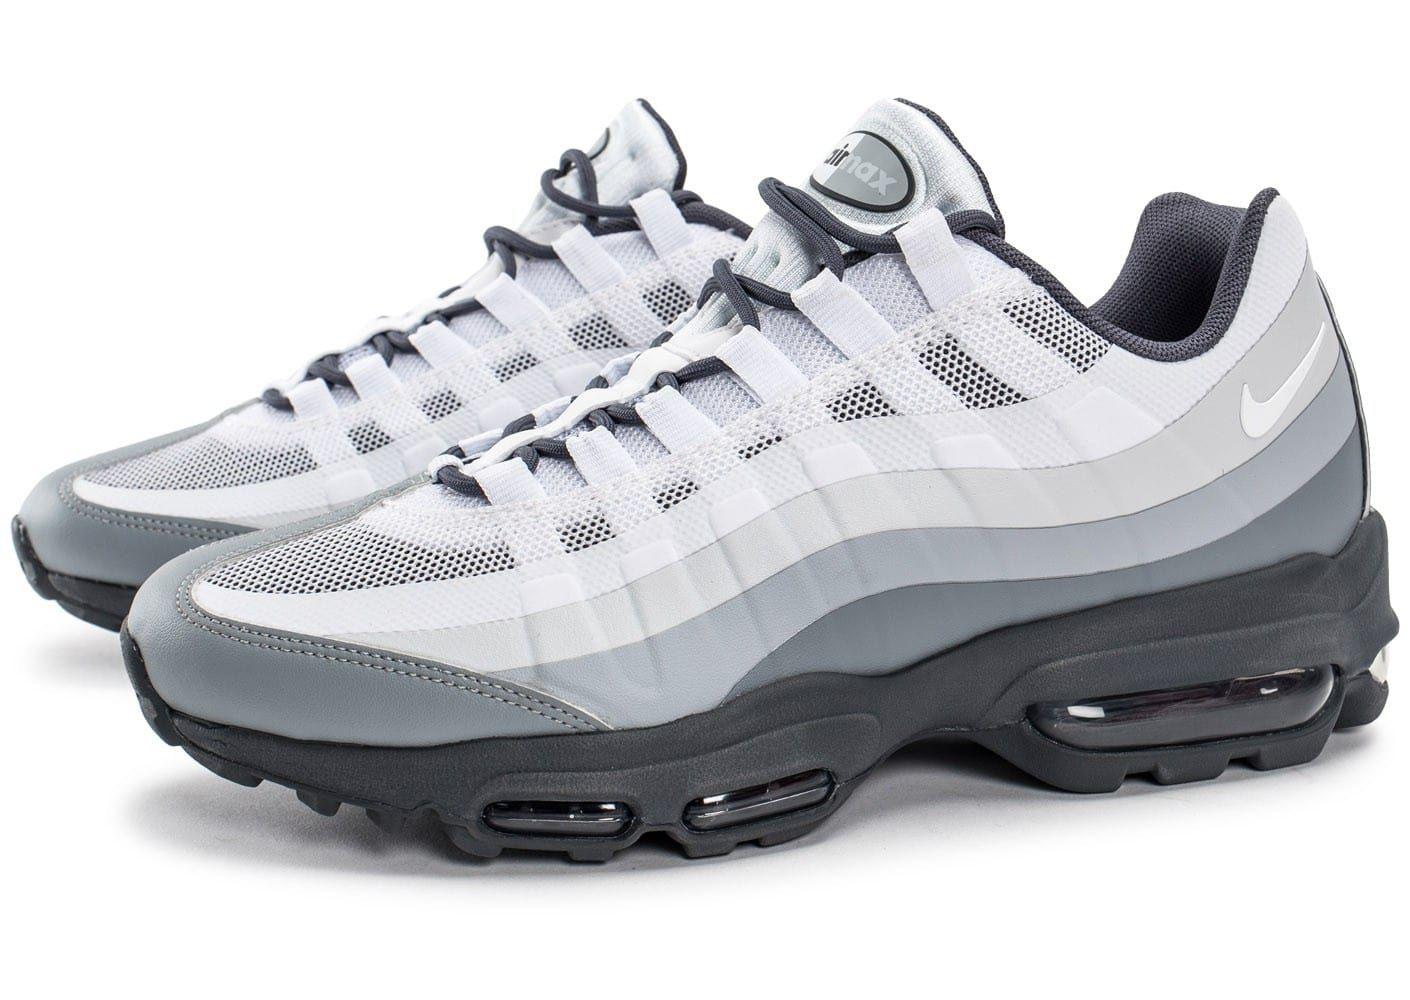 reliable quality sneakers for cheap sale France Pas Cher air max 95 ultra noir gris Vente en ligne ...